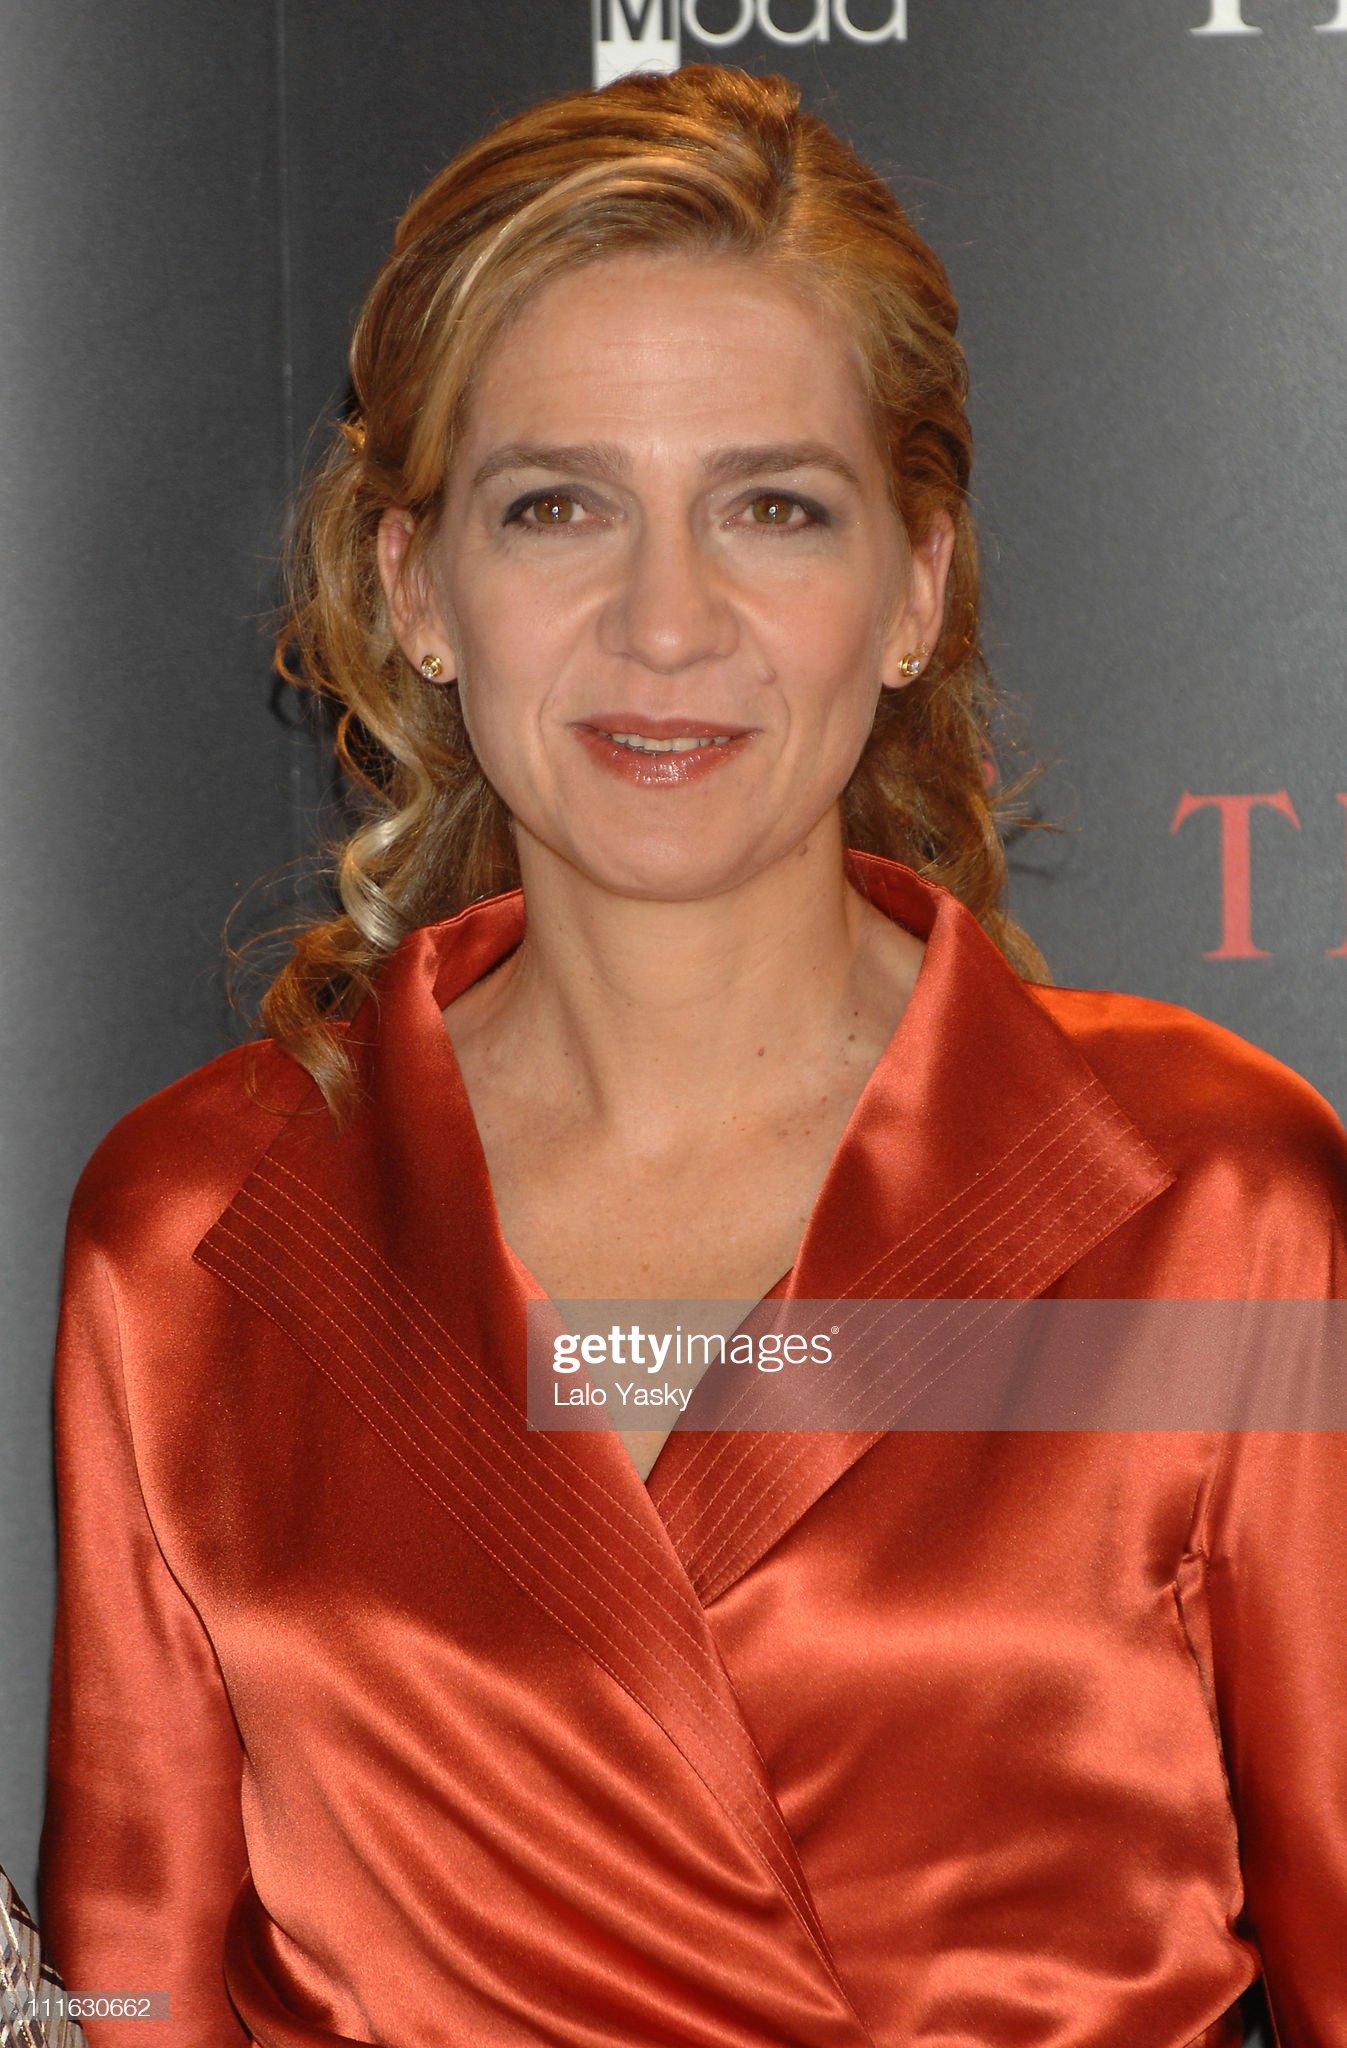 Telva Magazine Fashion Awards - Madrid October 23, 2006 : News Photo